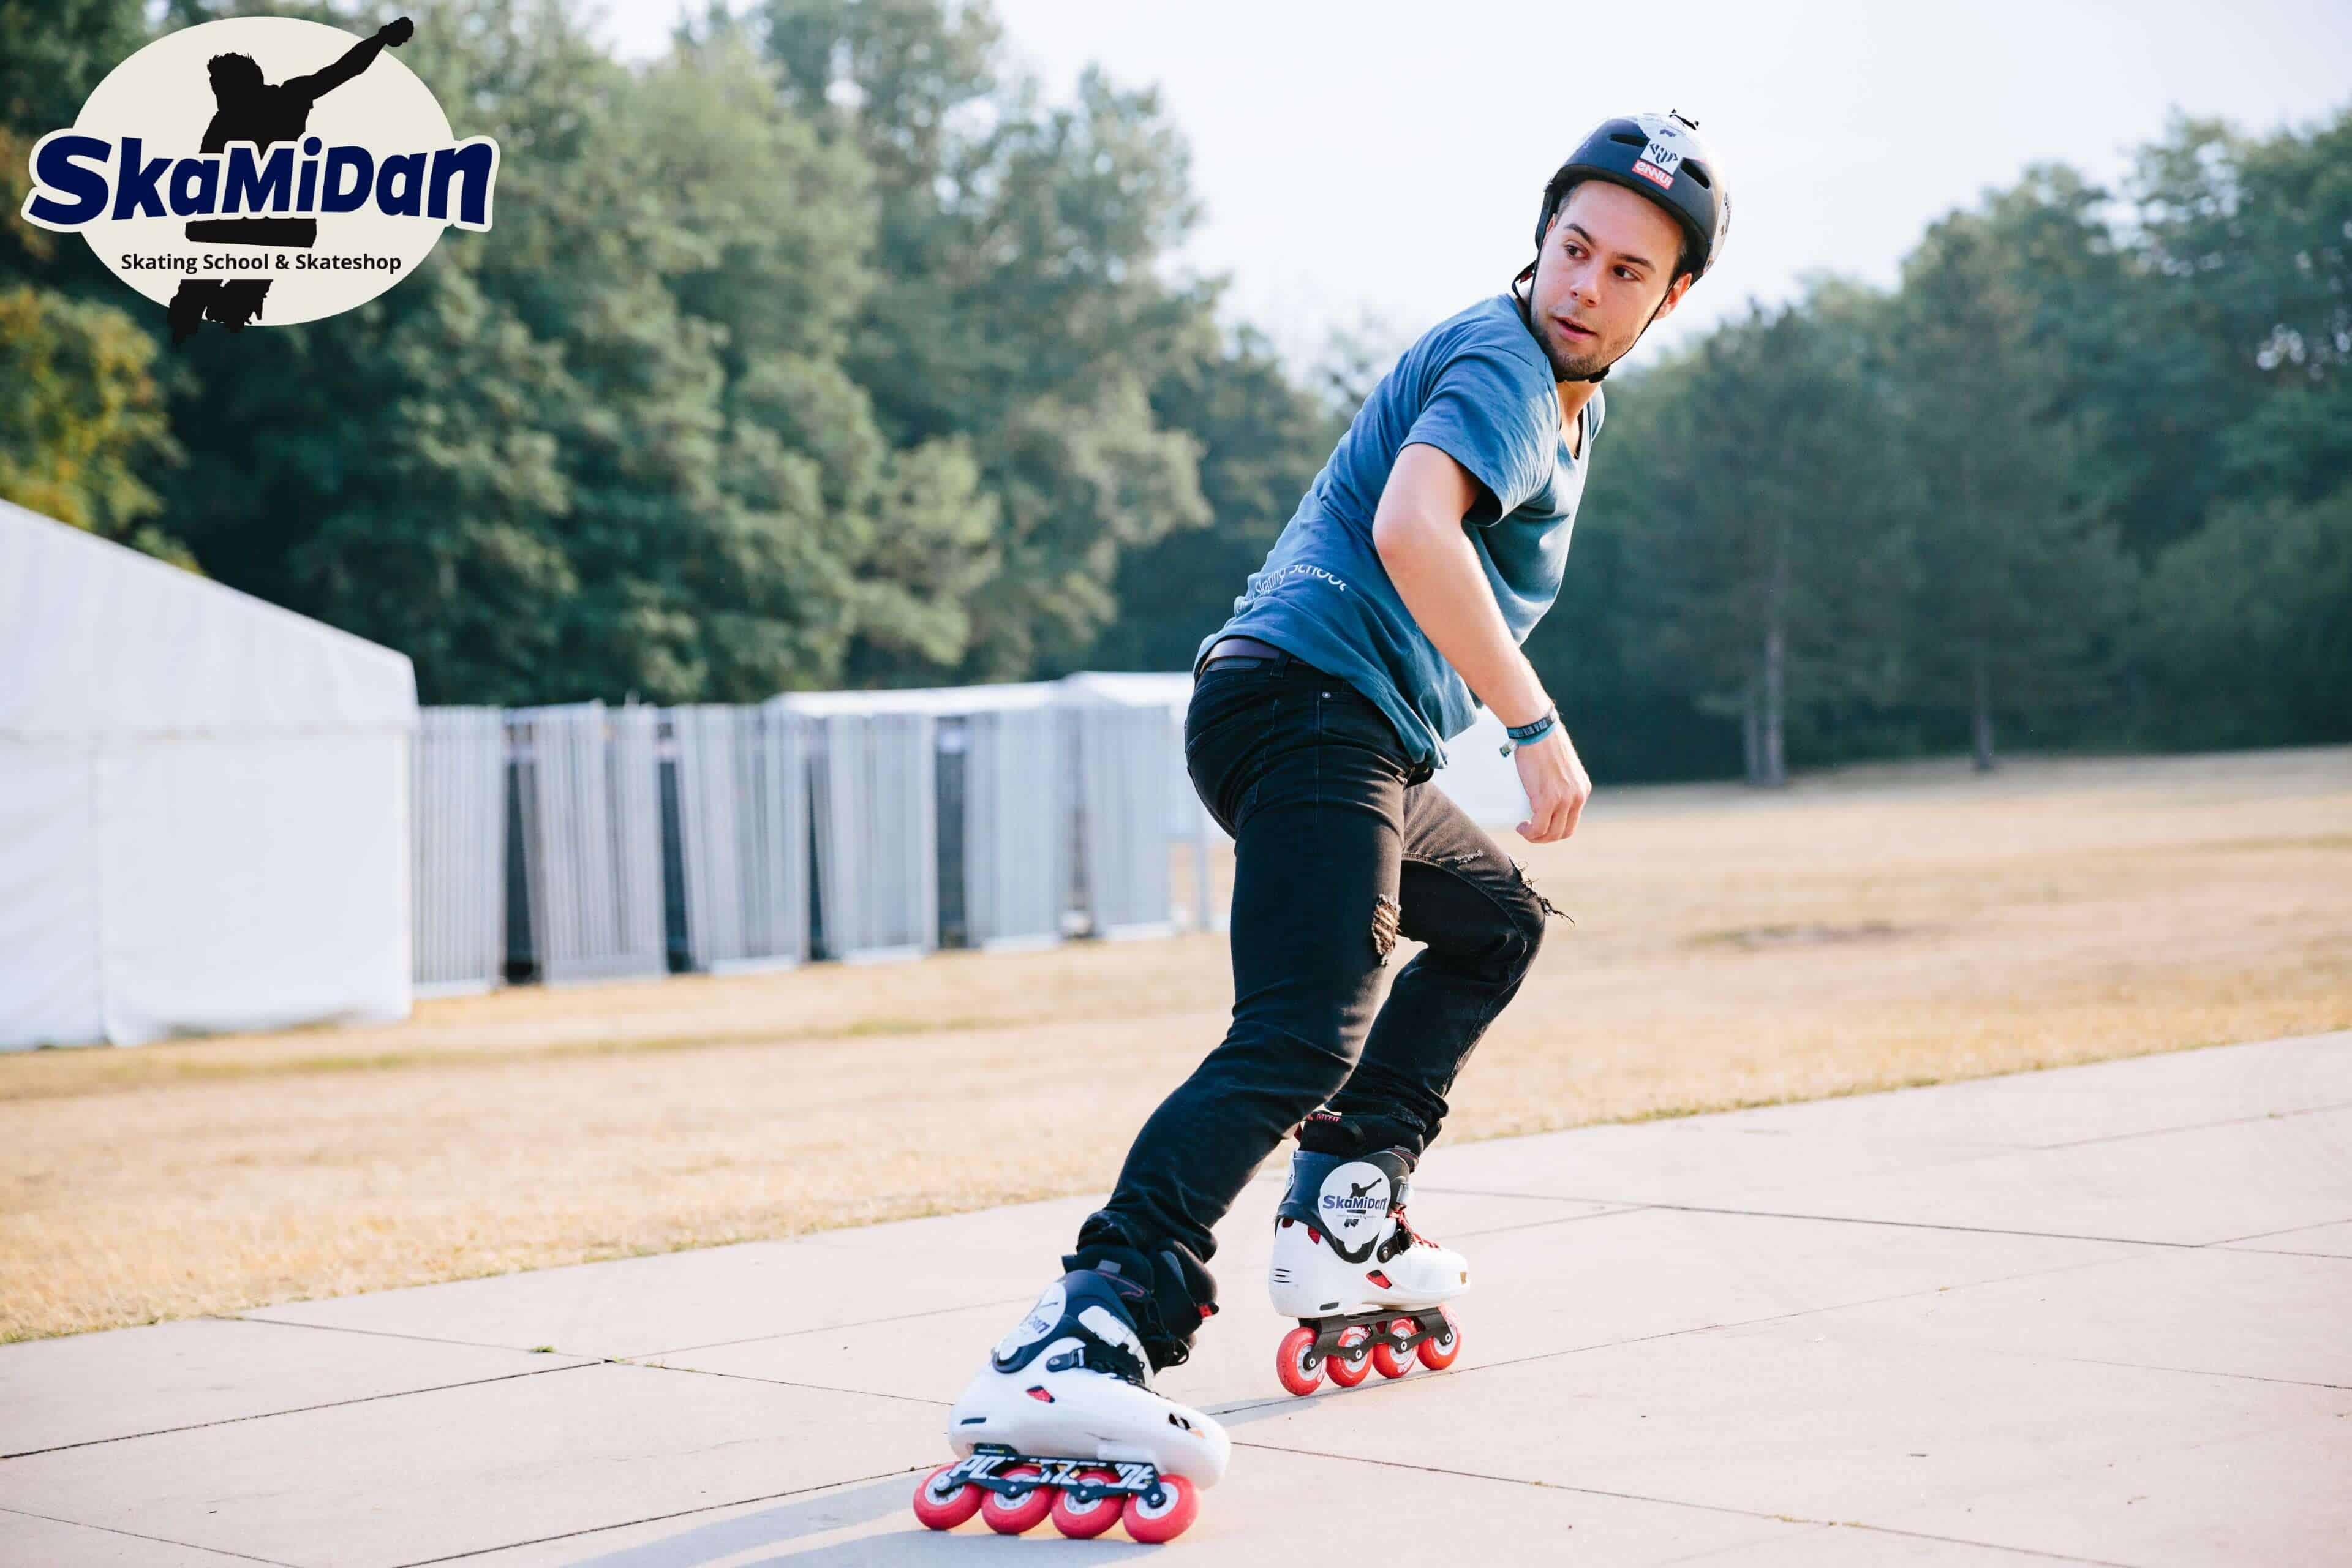 Skateschule SkaMiDan Weil am Rhein Basel Lörrach und Region Inline Skating Kurse mit profesionellem Trainer